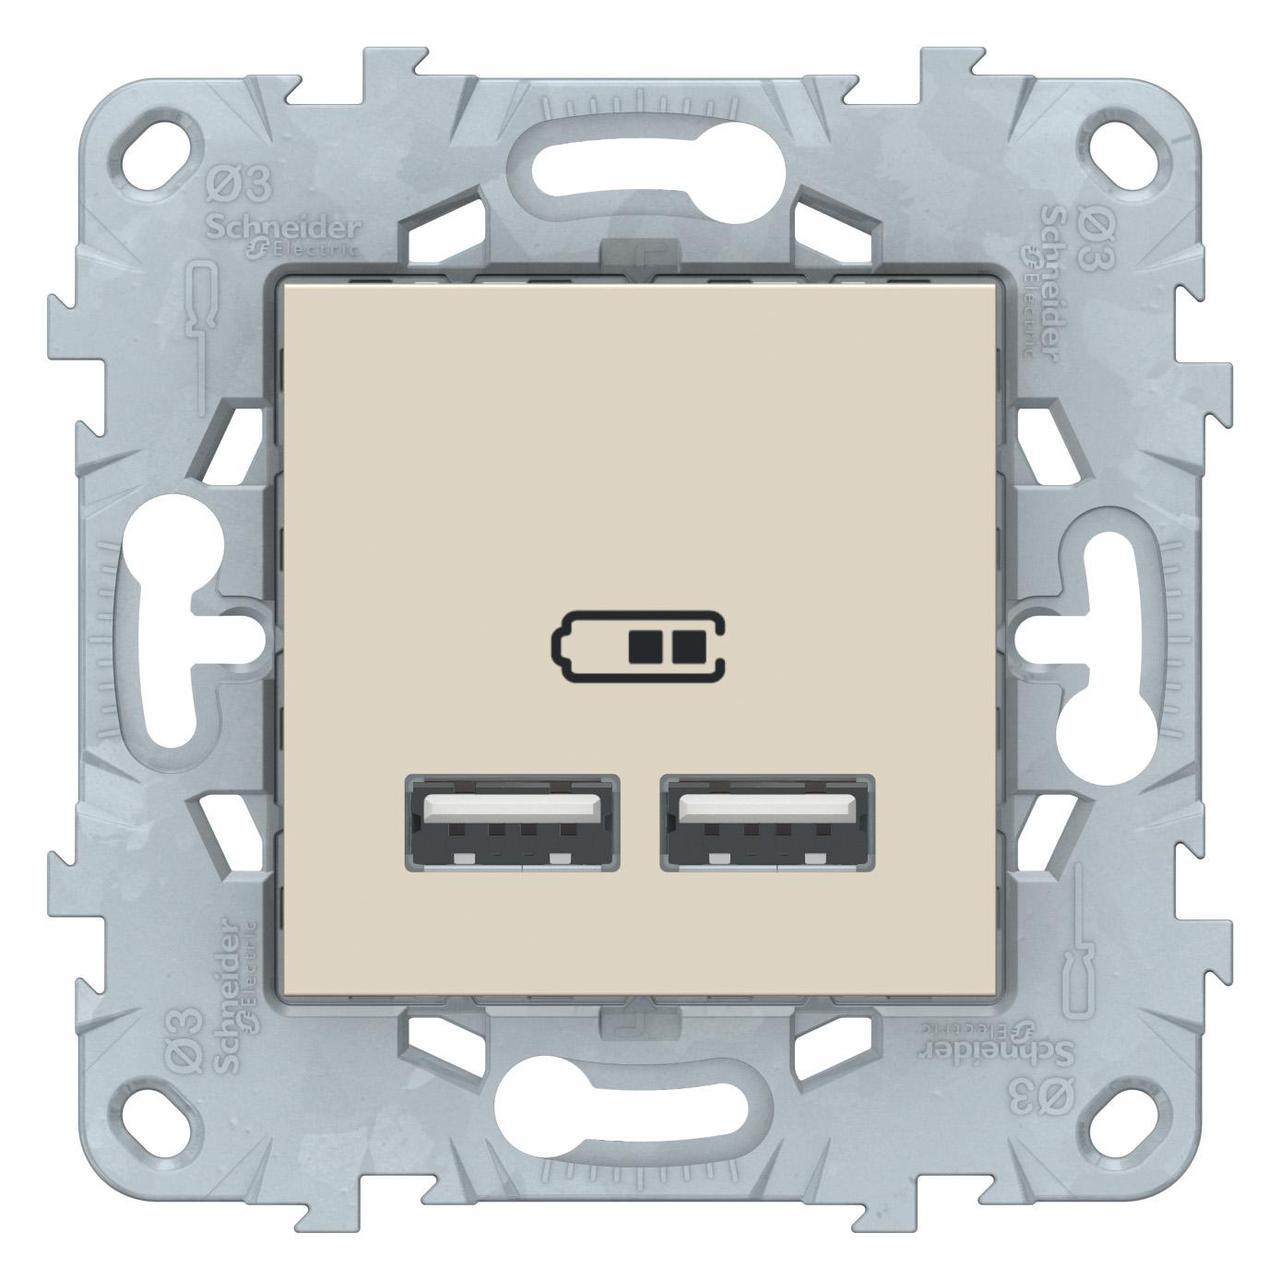 Розетка USB 2-ая (для подзарядки) , Бежевый, серия Unica New, Schneider Electric